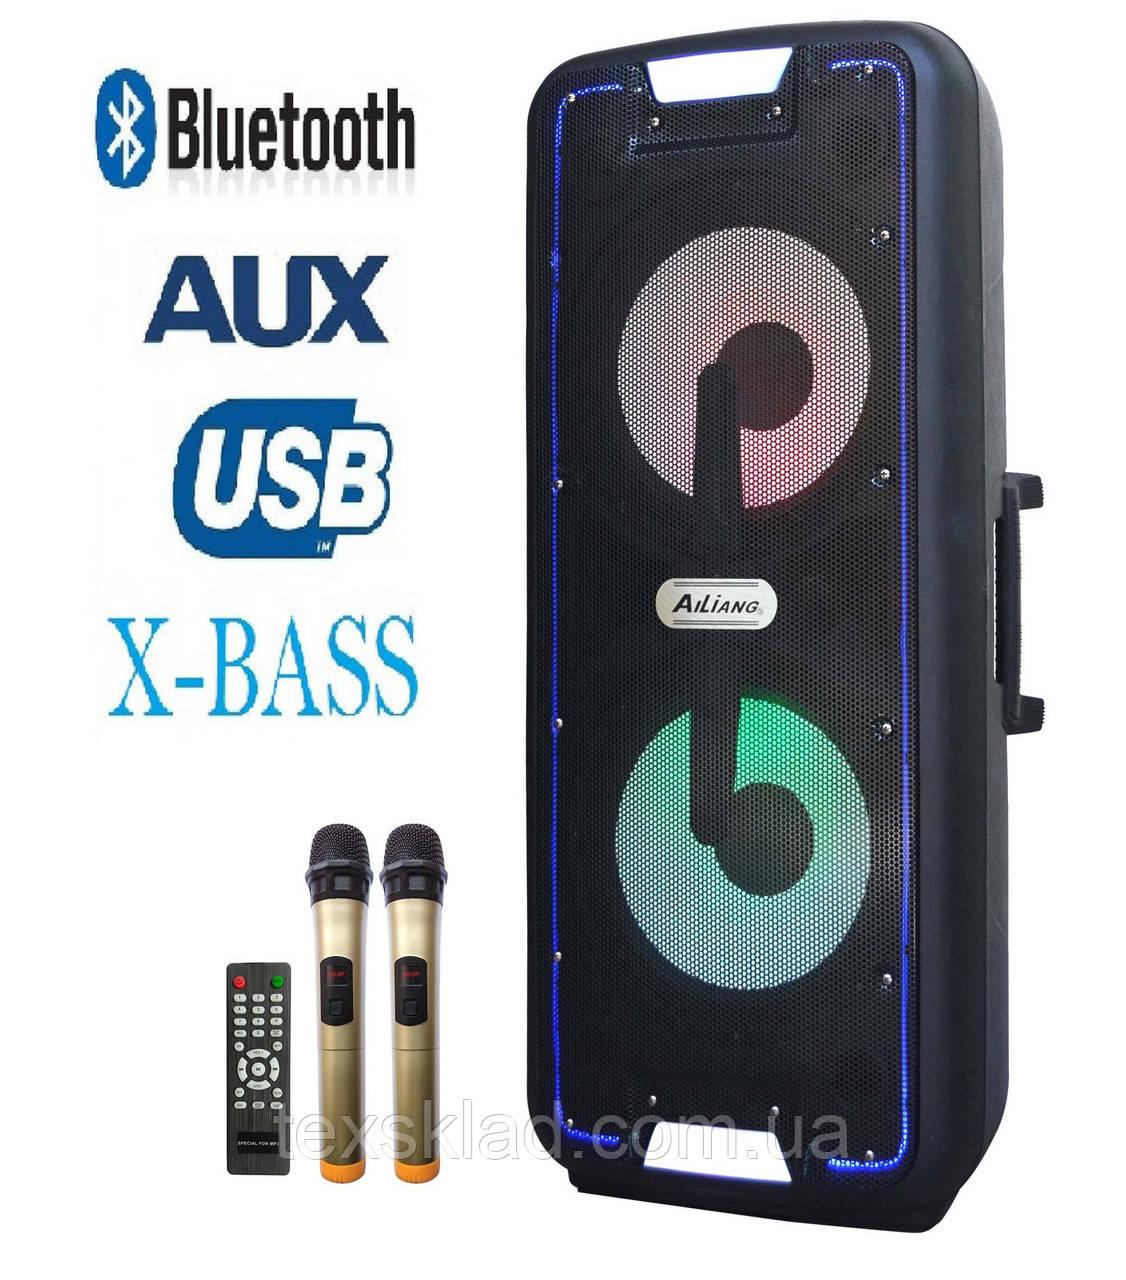 Потужний комбік з даумя радіомікрофонами UF-A1210K 200W BASS (Bluetooth/USB/FM)